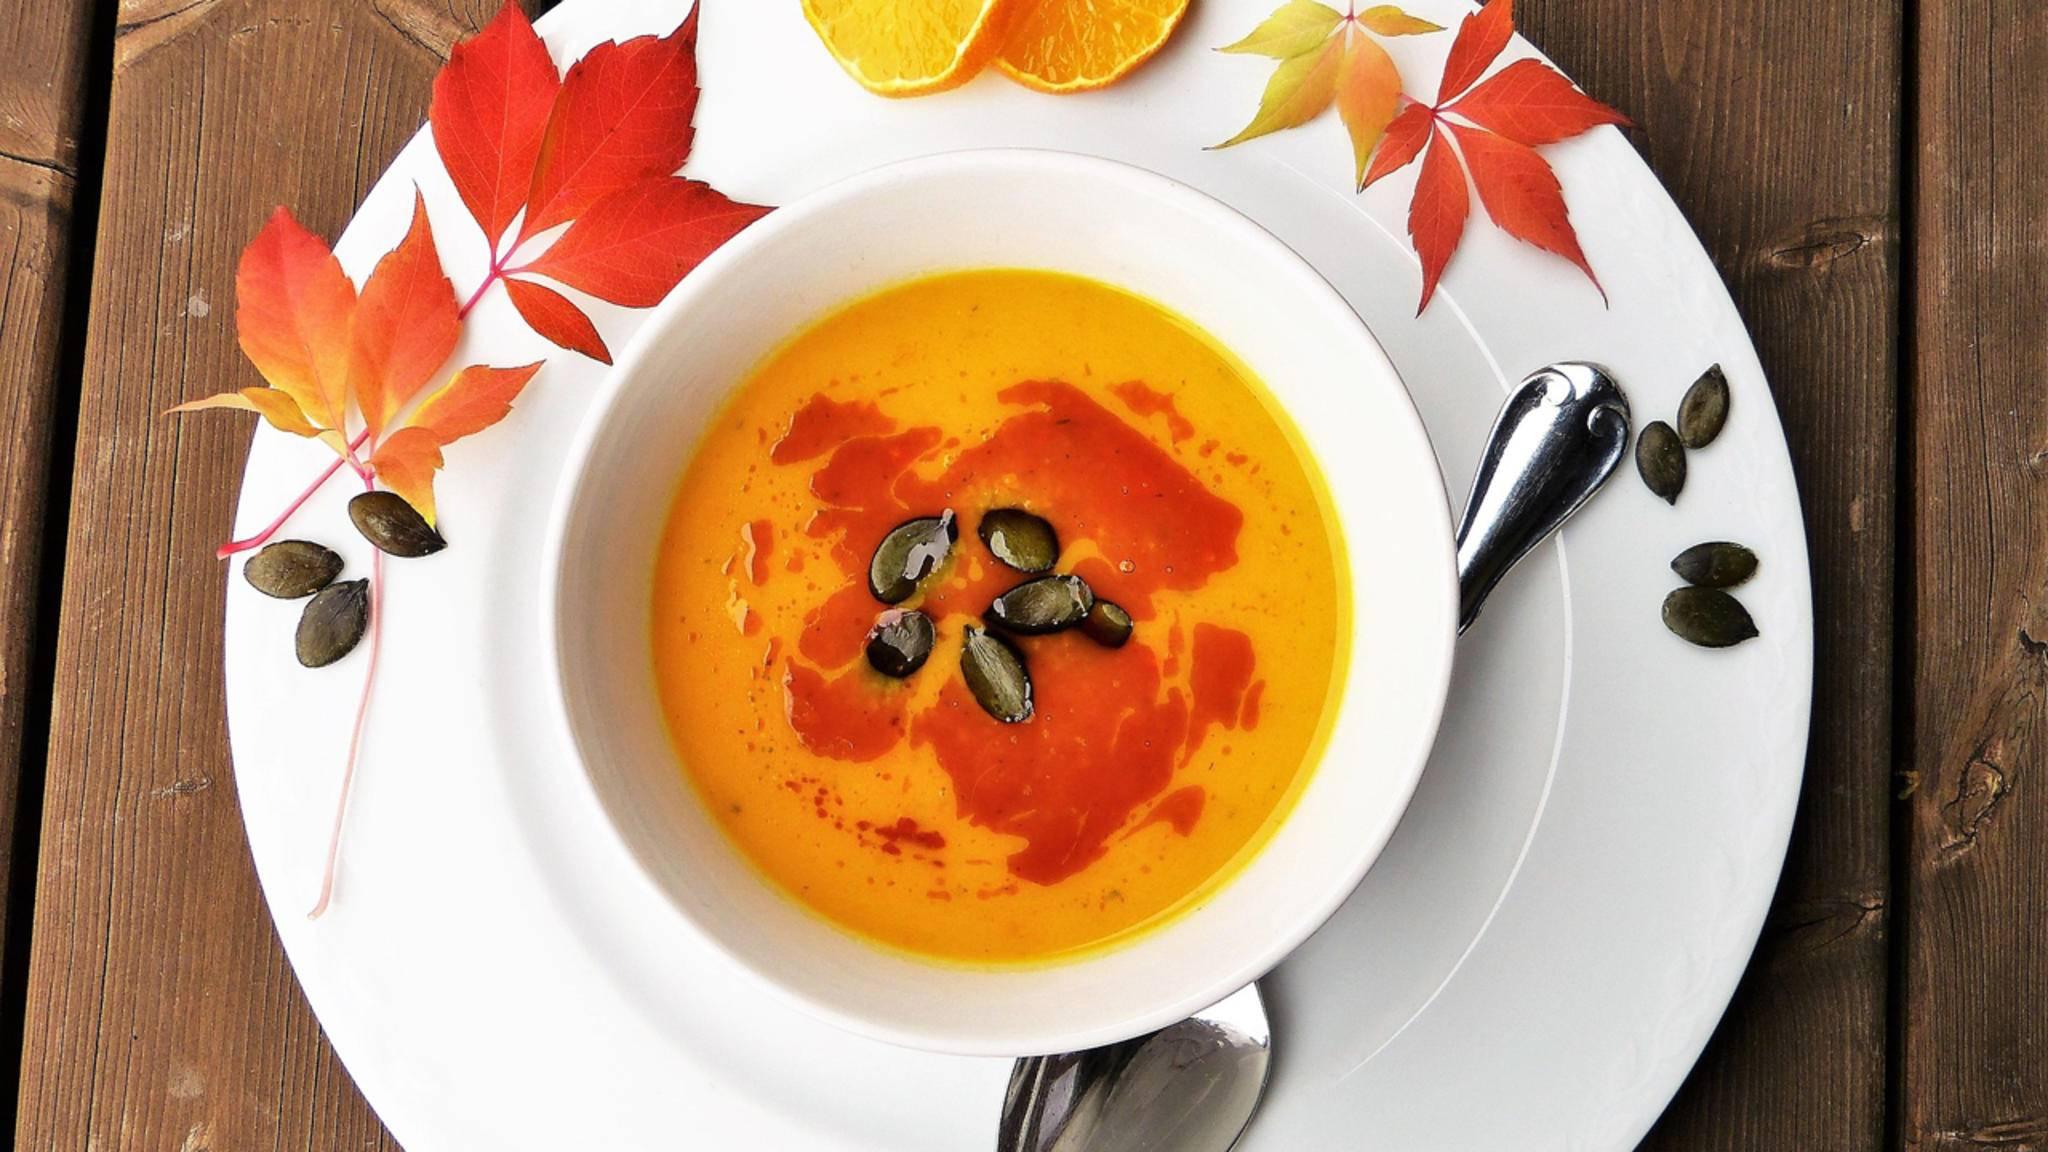 Suppe kannst Du problemlos für später einfrieren – wenn Du ein paar einfache Tipps beachtest.